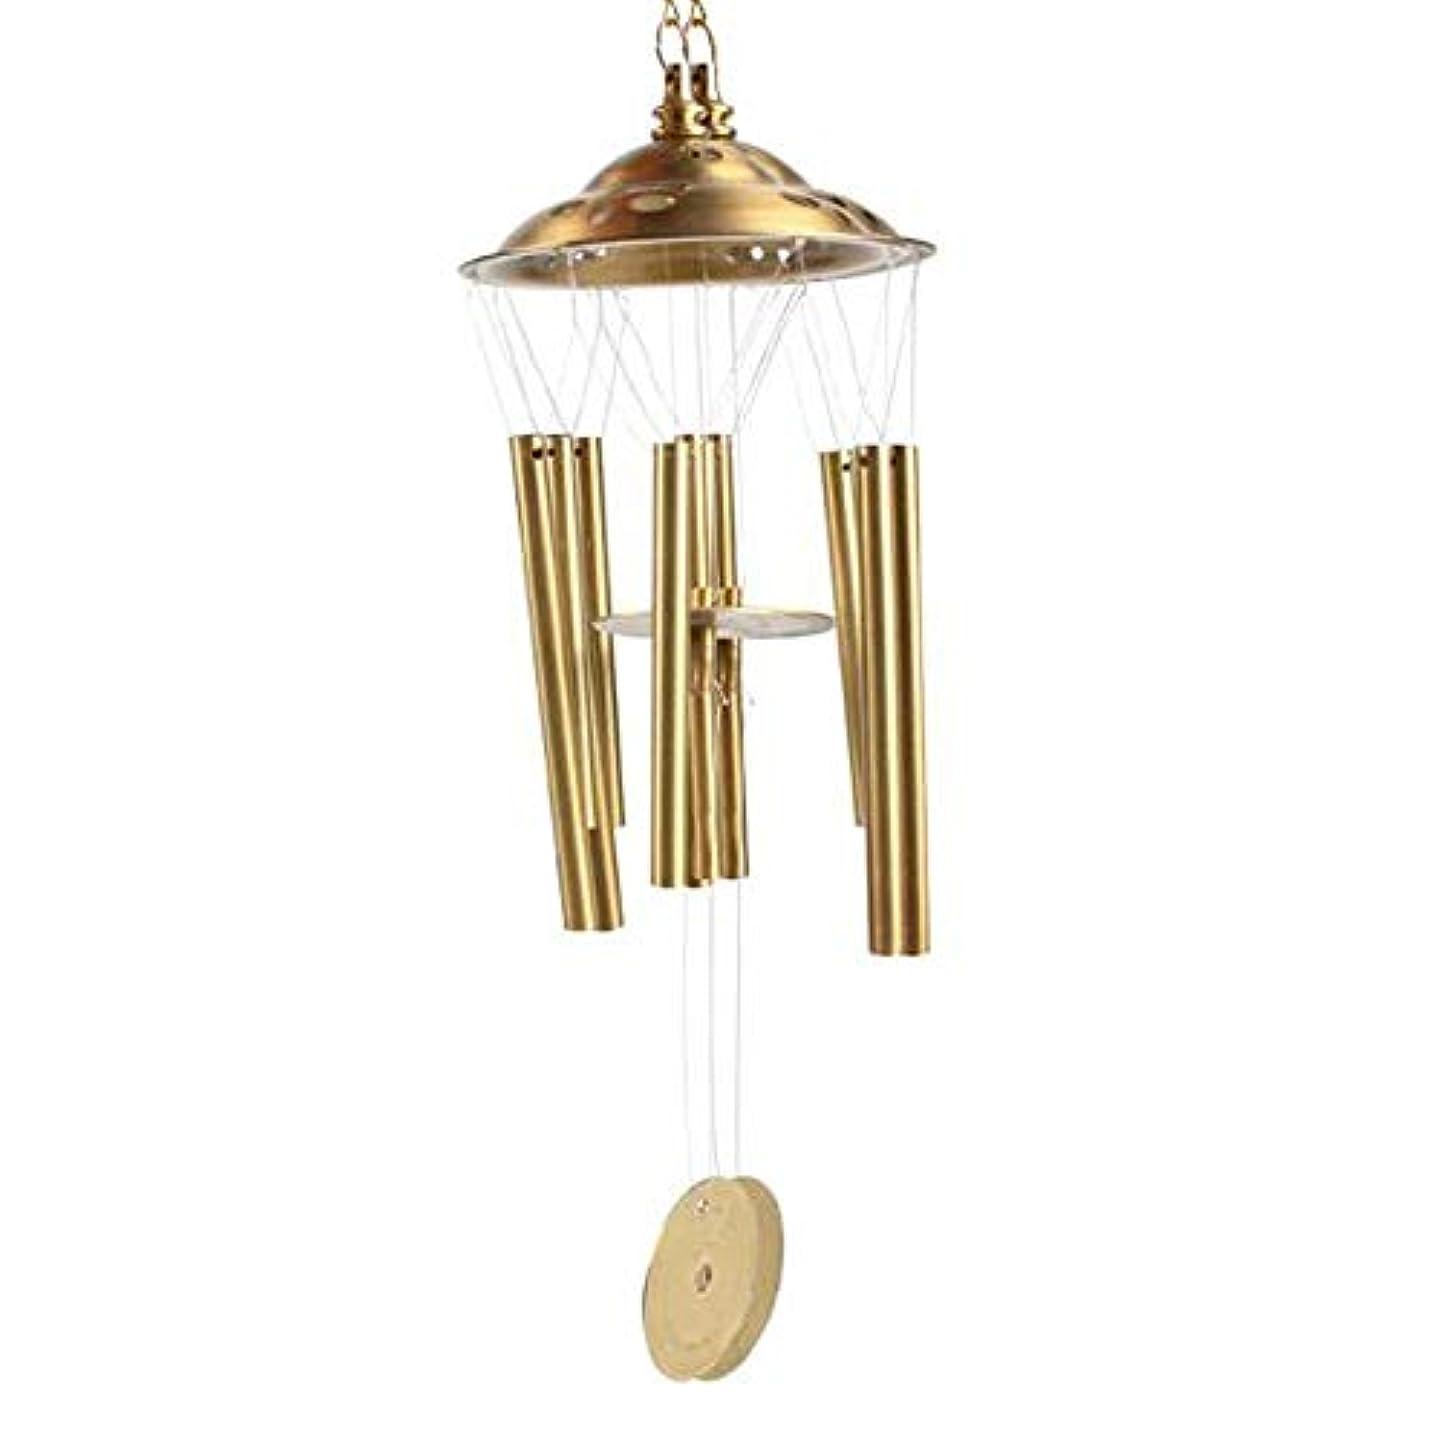 気づく詳細なベアリングサークルFengshangshanghang 風チャイム、銅6チューブ風チャイム、ゴールド、全身約2.5インチ,家の装飾 (Size : 3 inches)